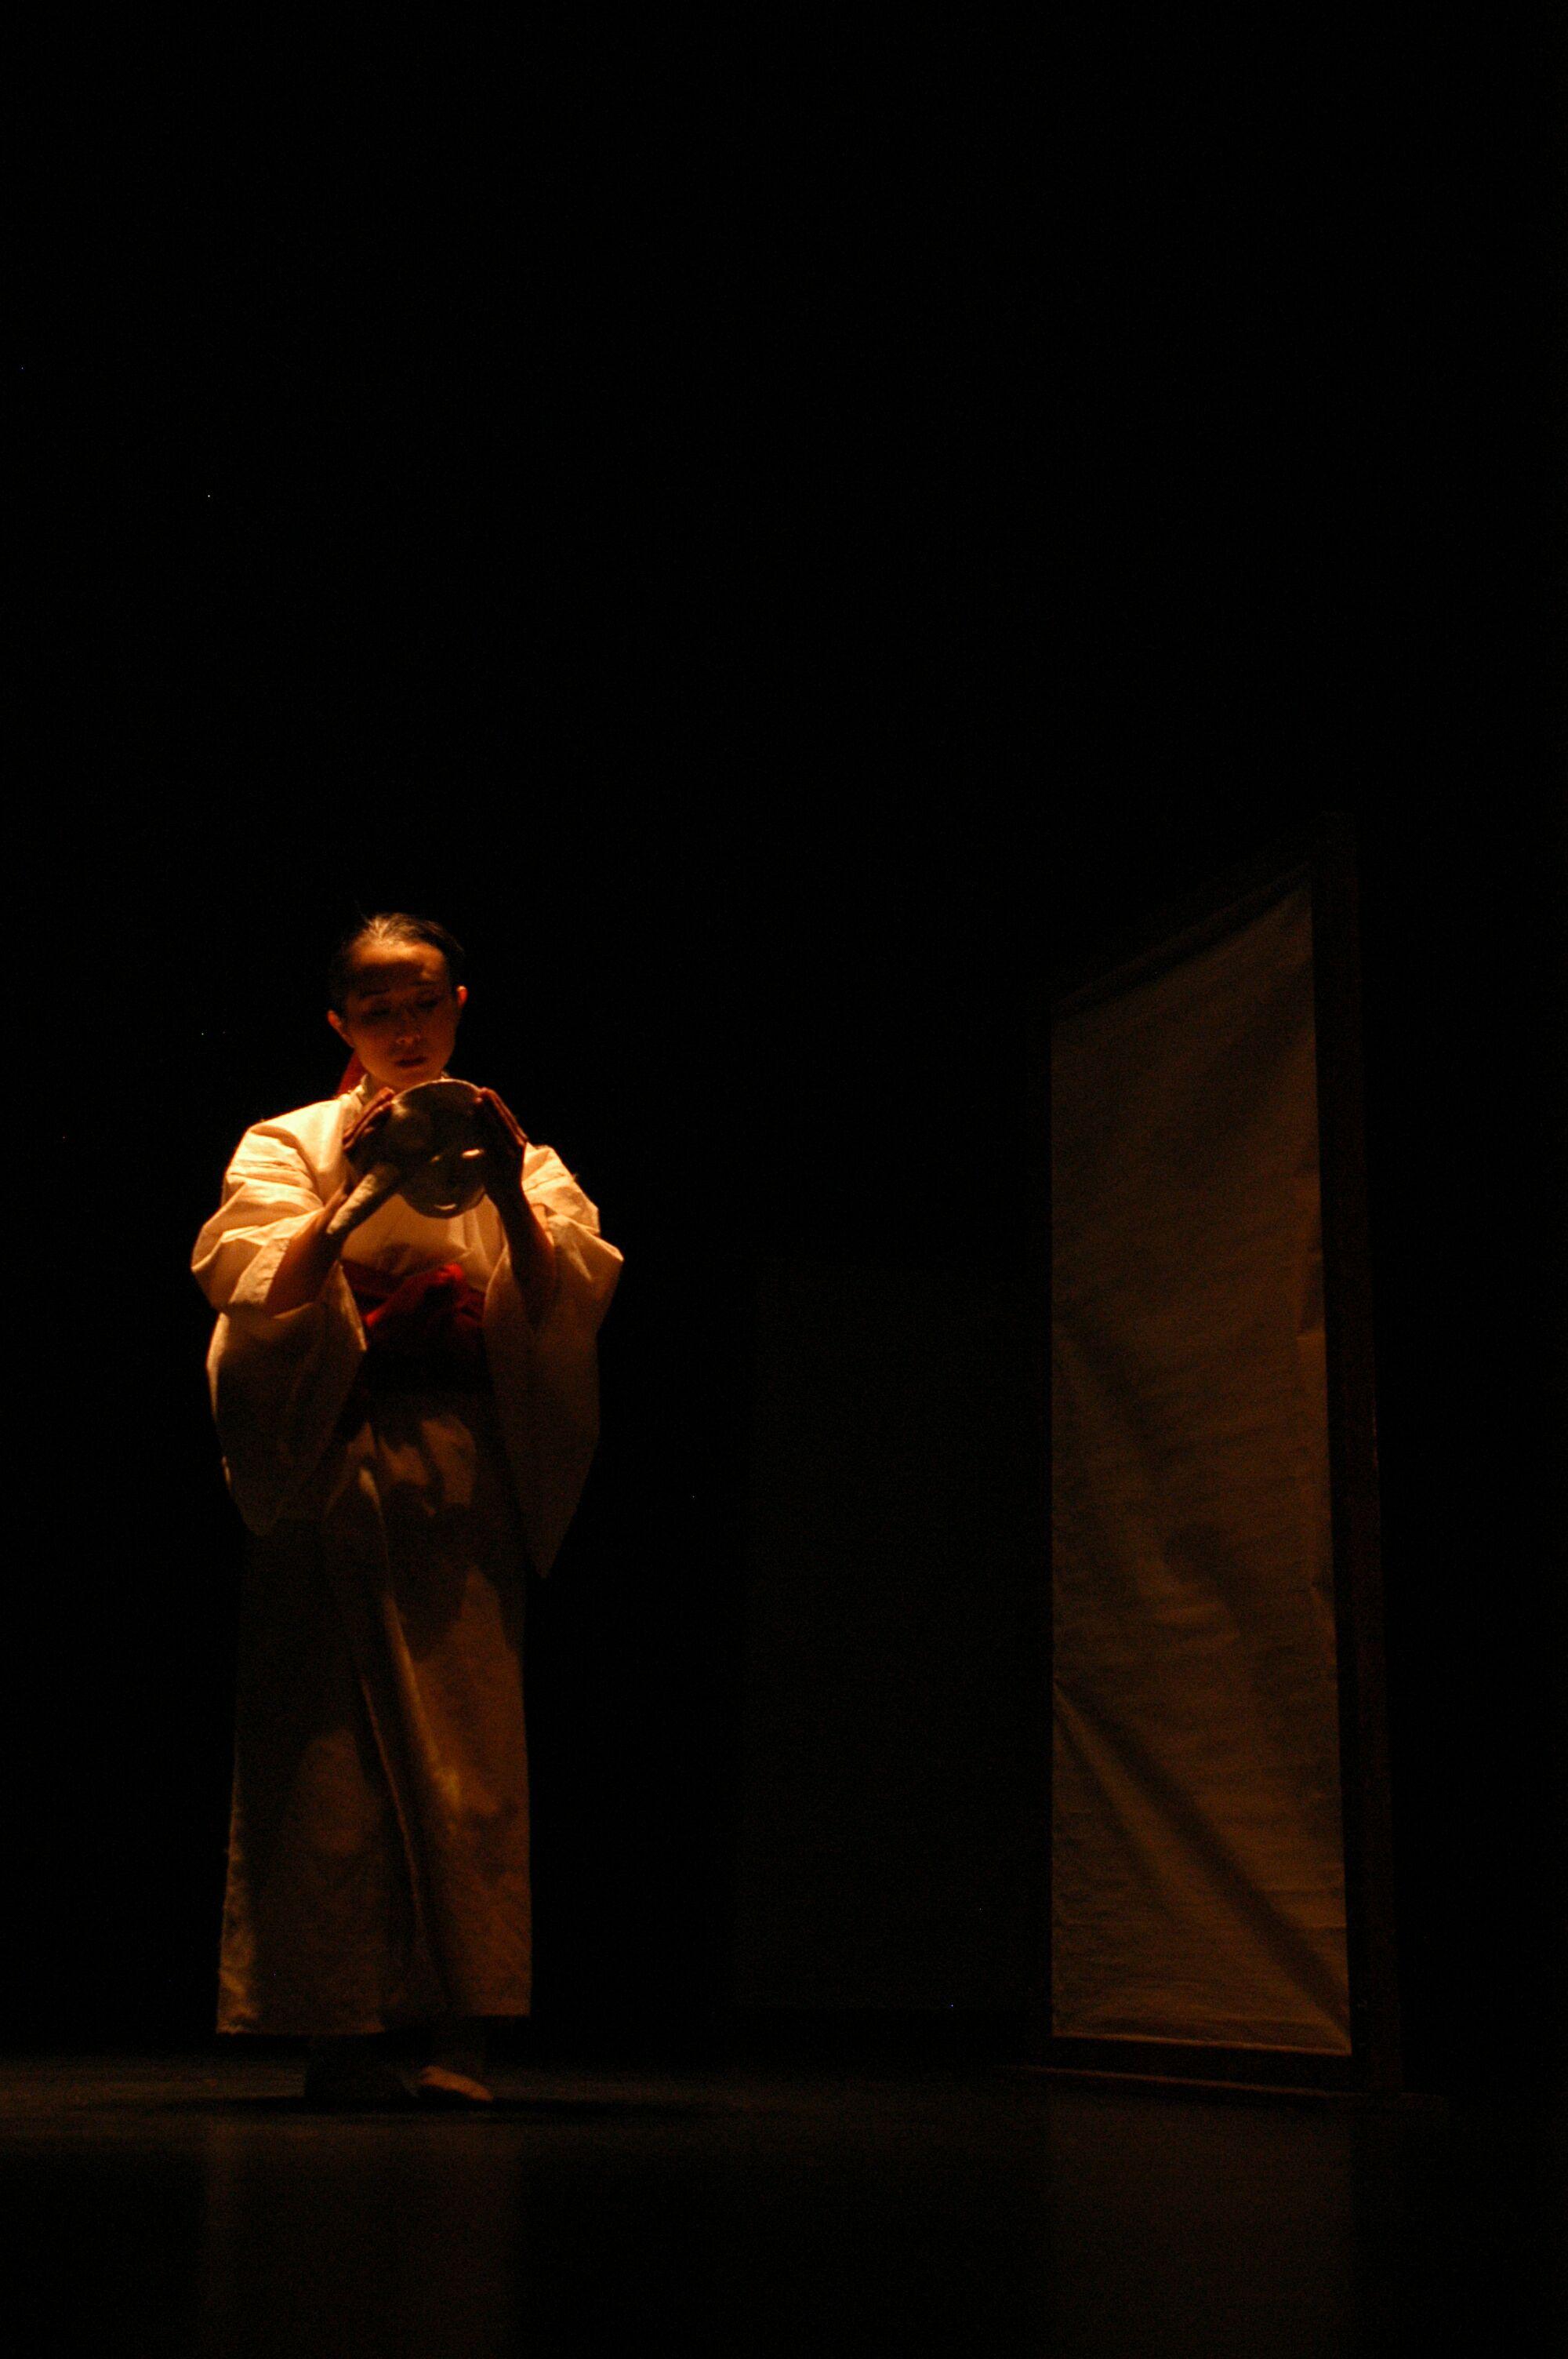 kagome - fde 2006 - 22.JPG